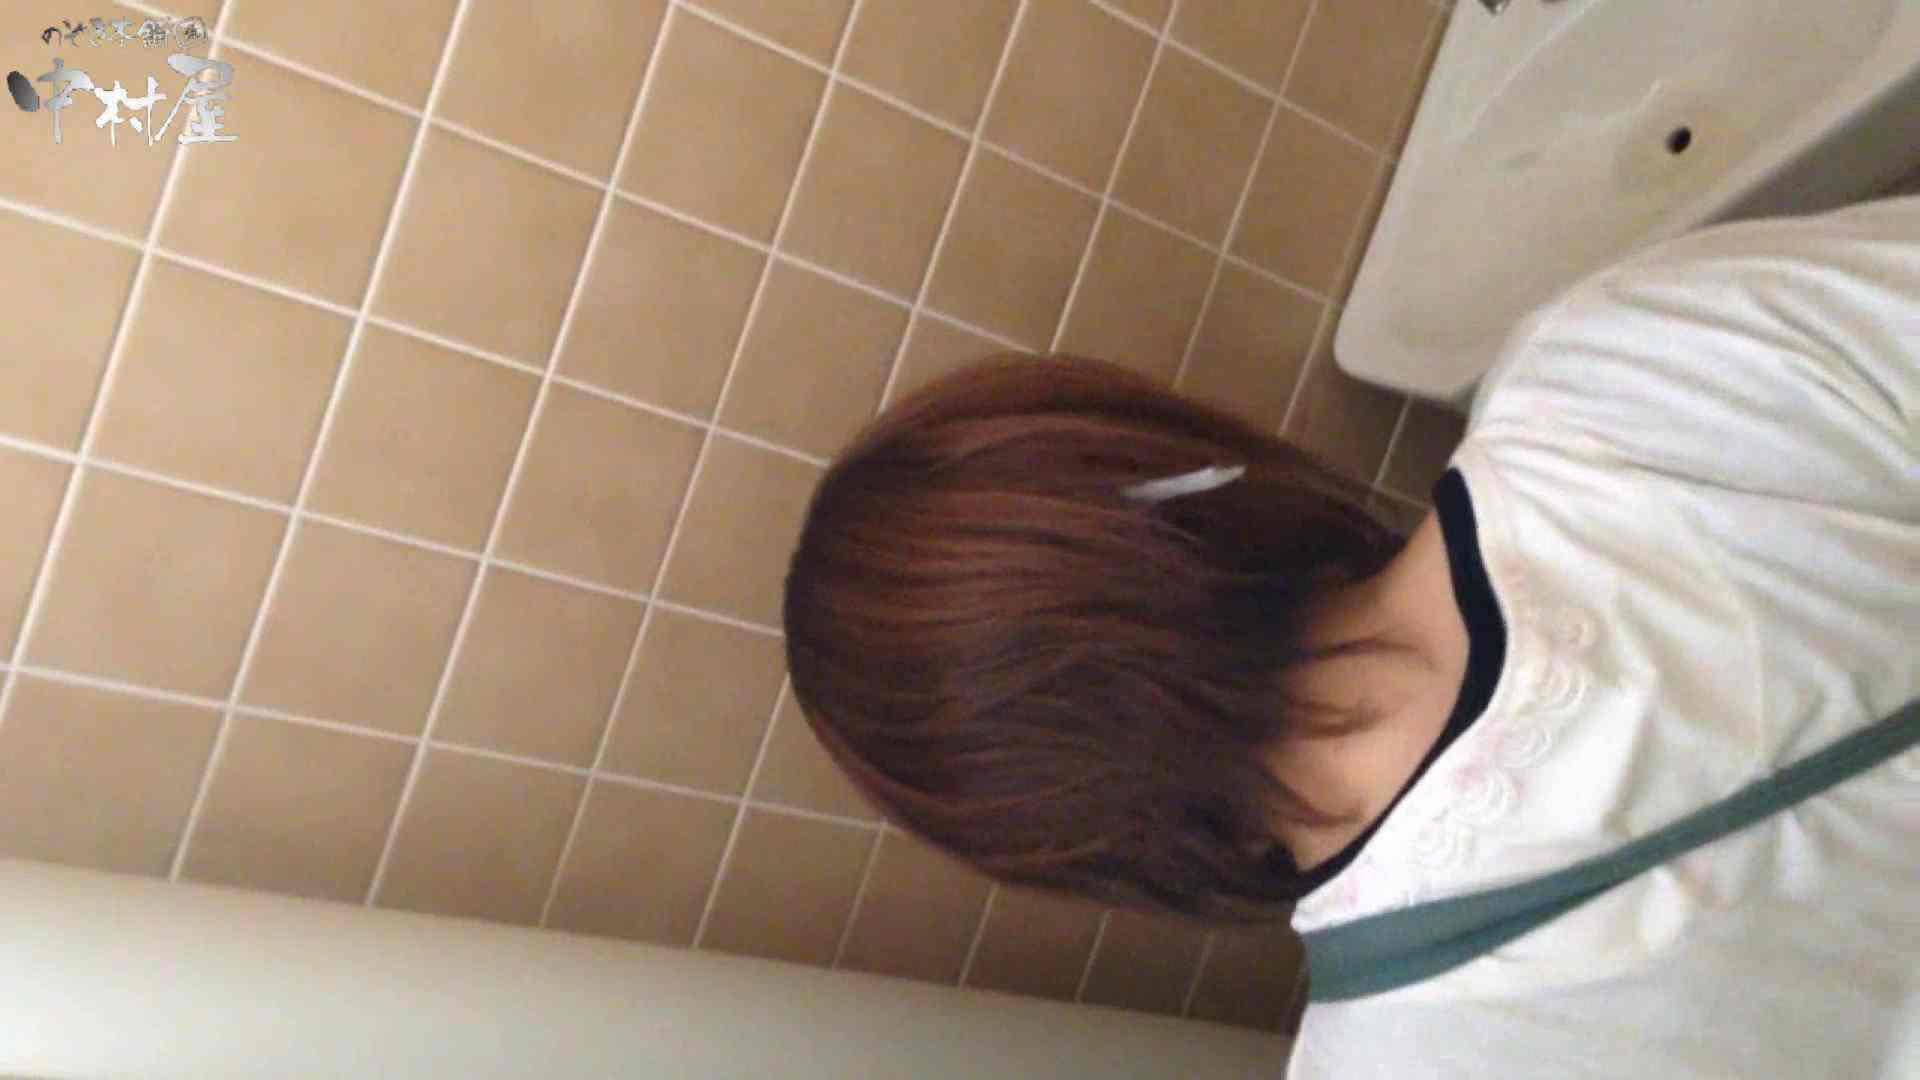 部活女子トイレ潜入編vol.5 盗撮   HなOL  79pic 40